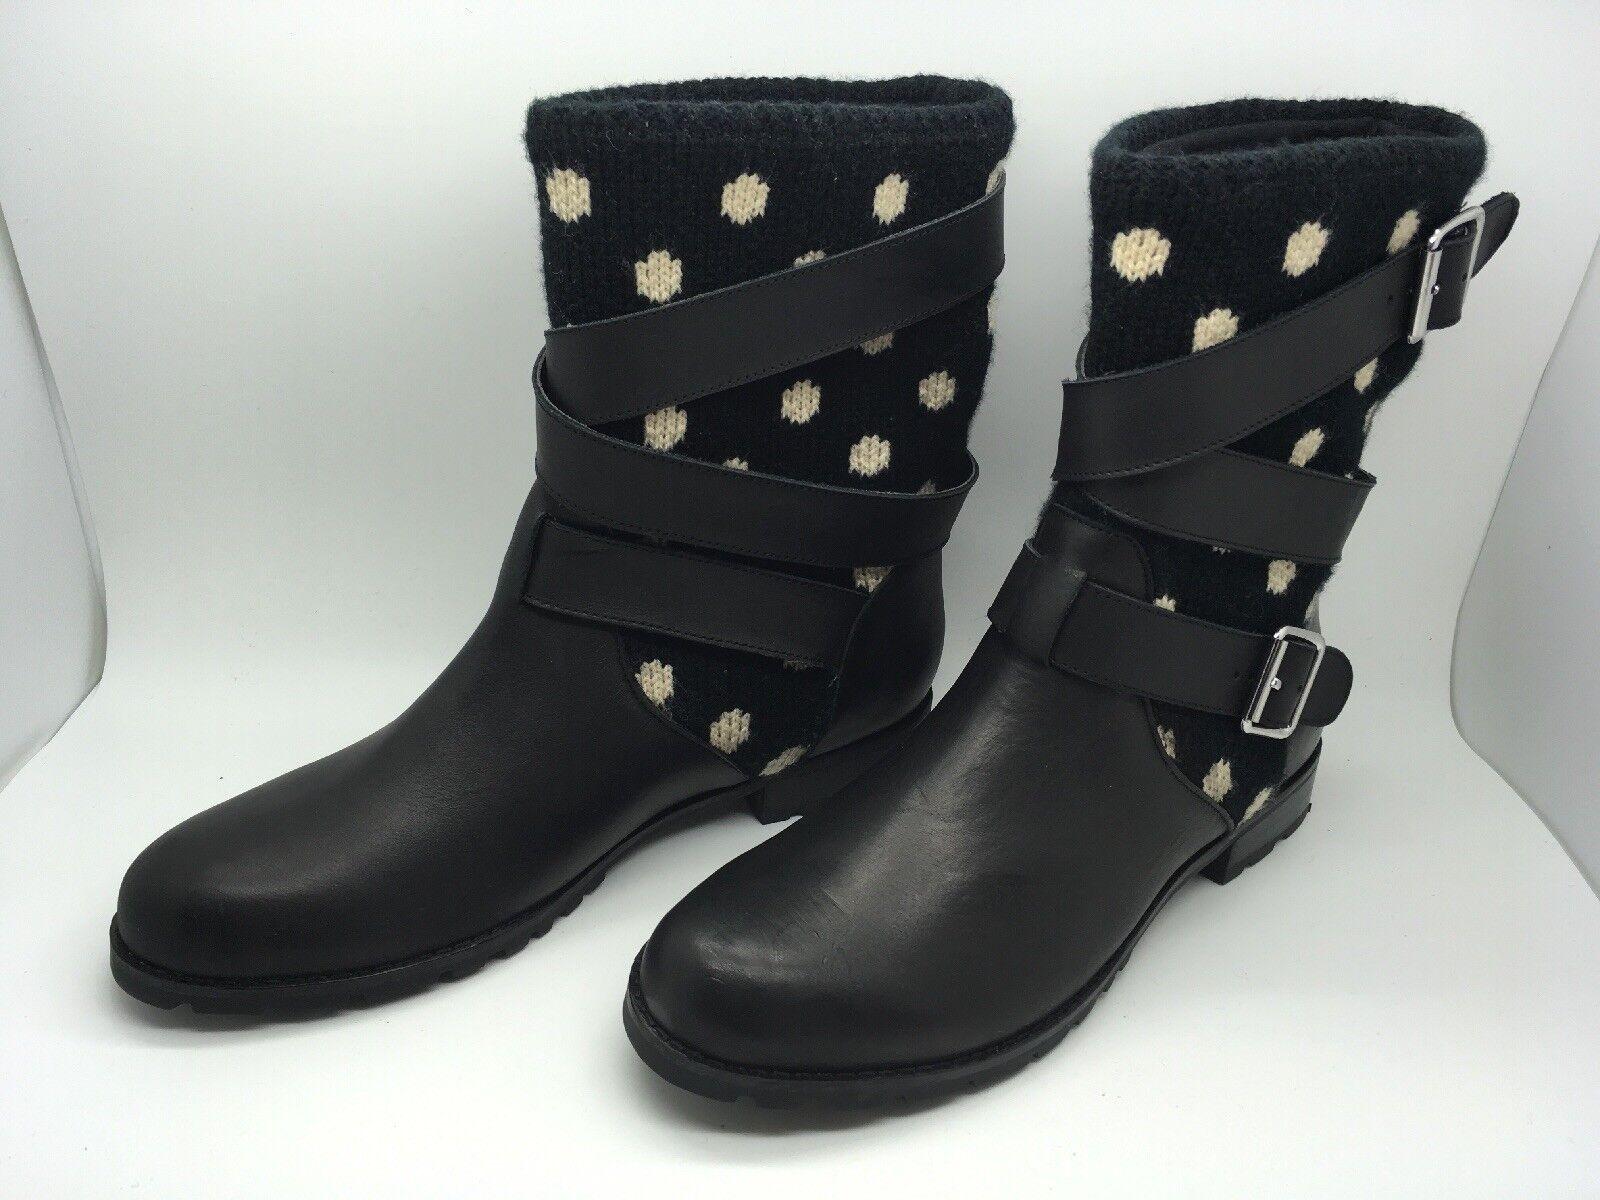 Stiefletten Mellow Gelb neu schwarzes Leder Größe 38 EUR   6.5 US